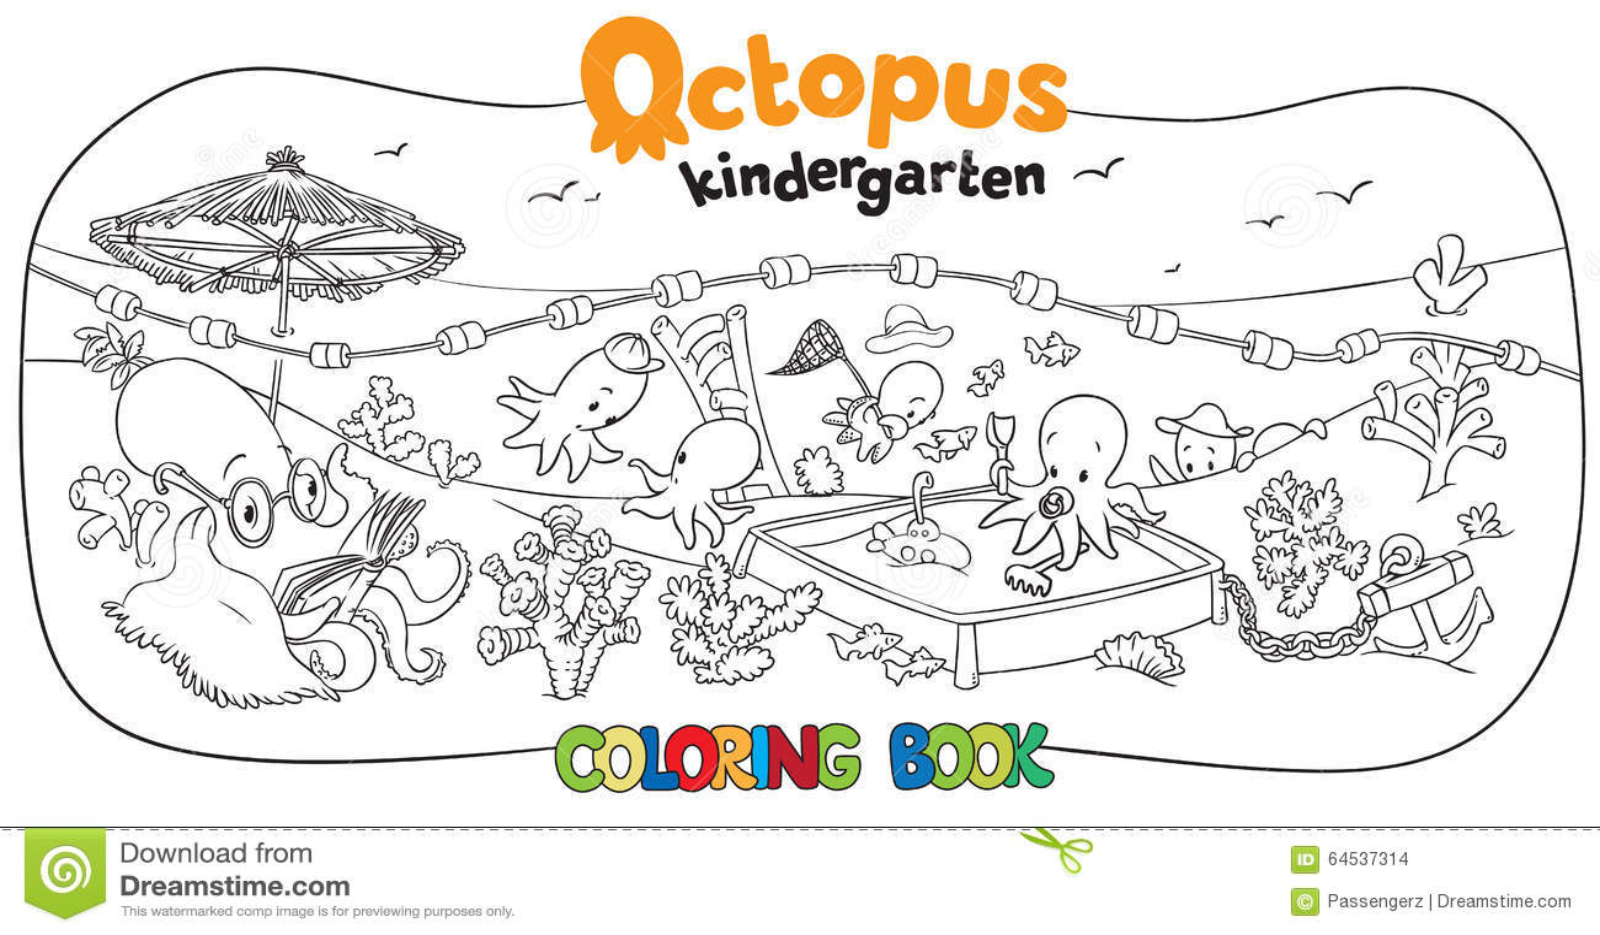 Octopus Kindergarten Coloring Book Stock Vector